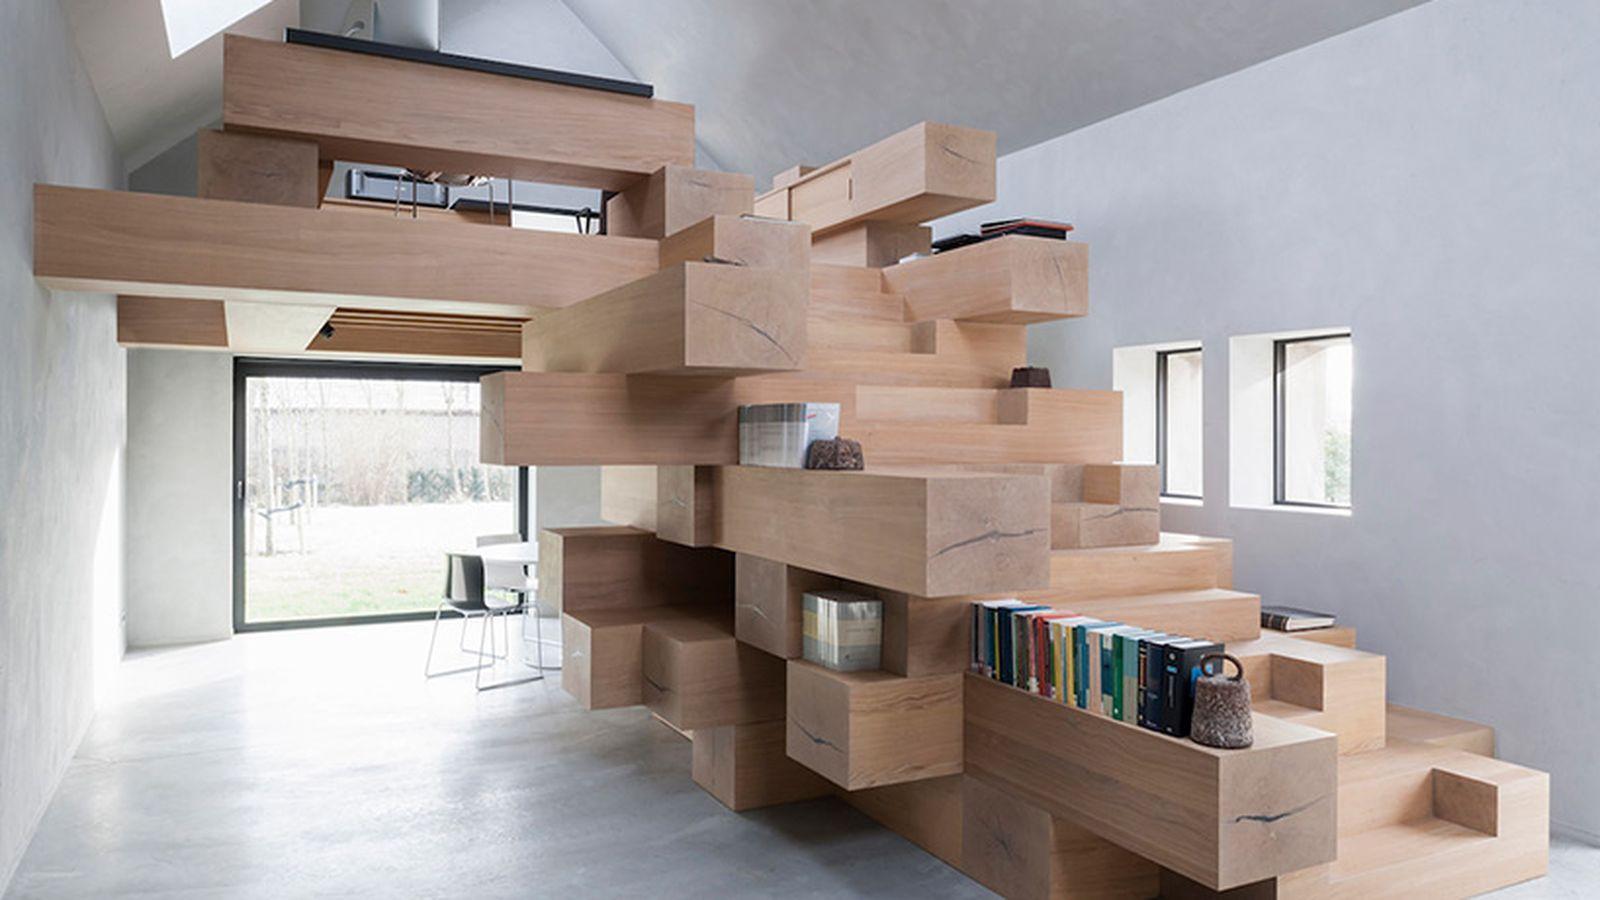 السلالم في التصميمات الداخلية الحديثة